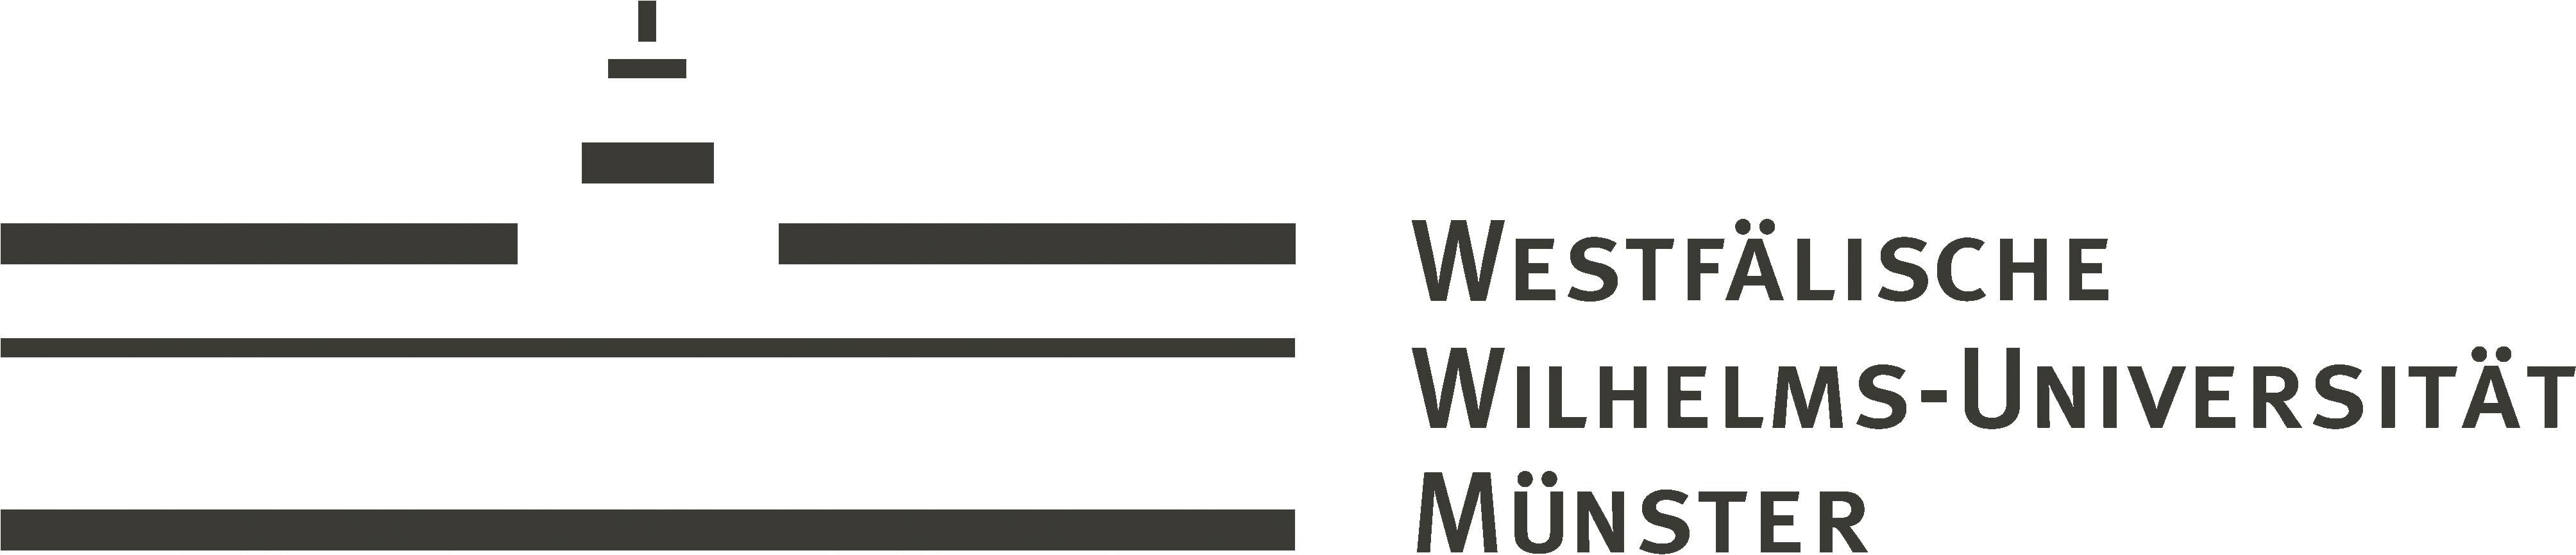 Uni Muenster WWU Logo